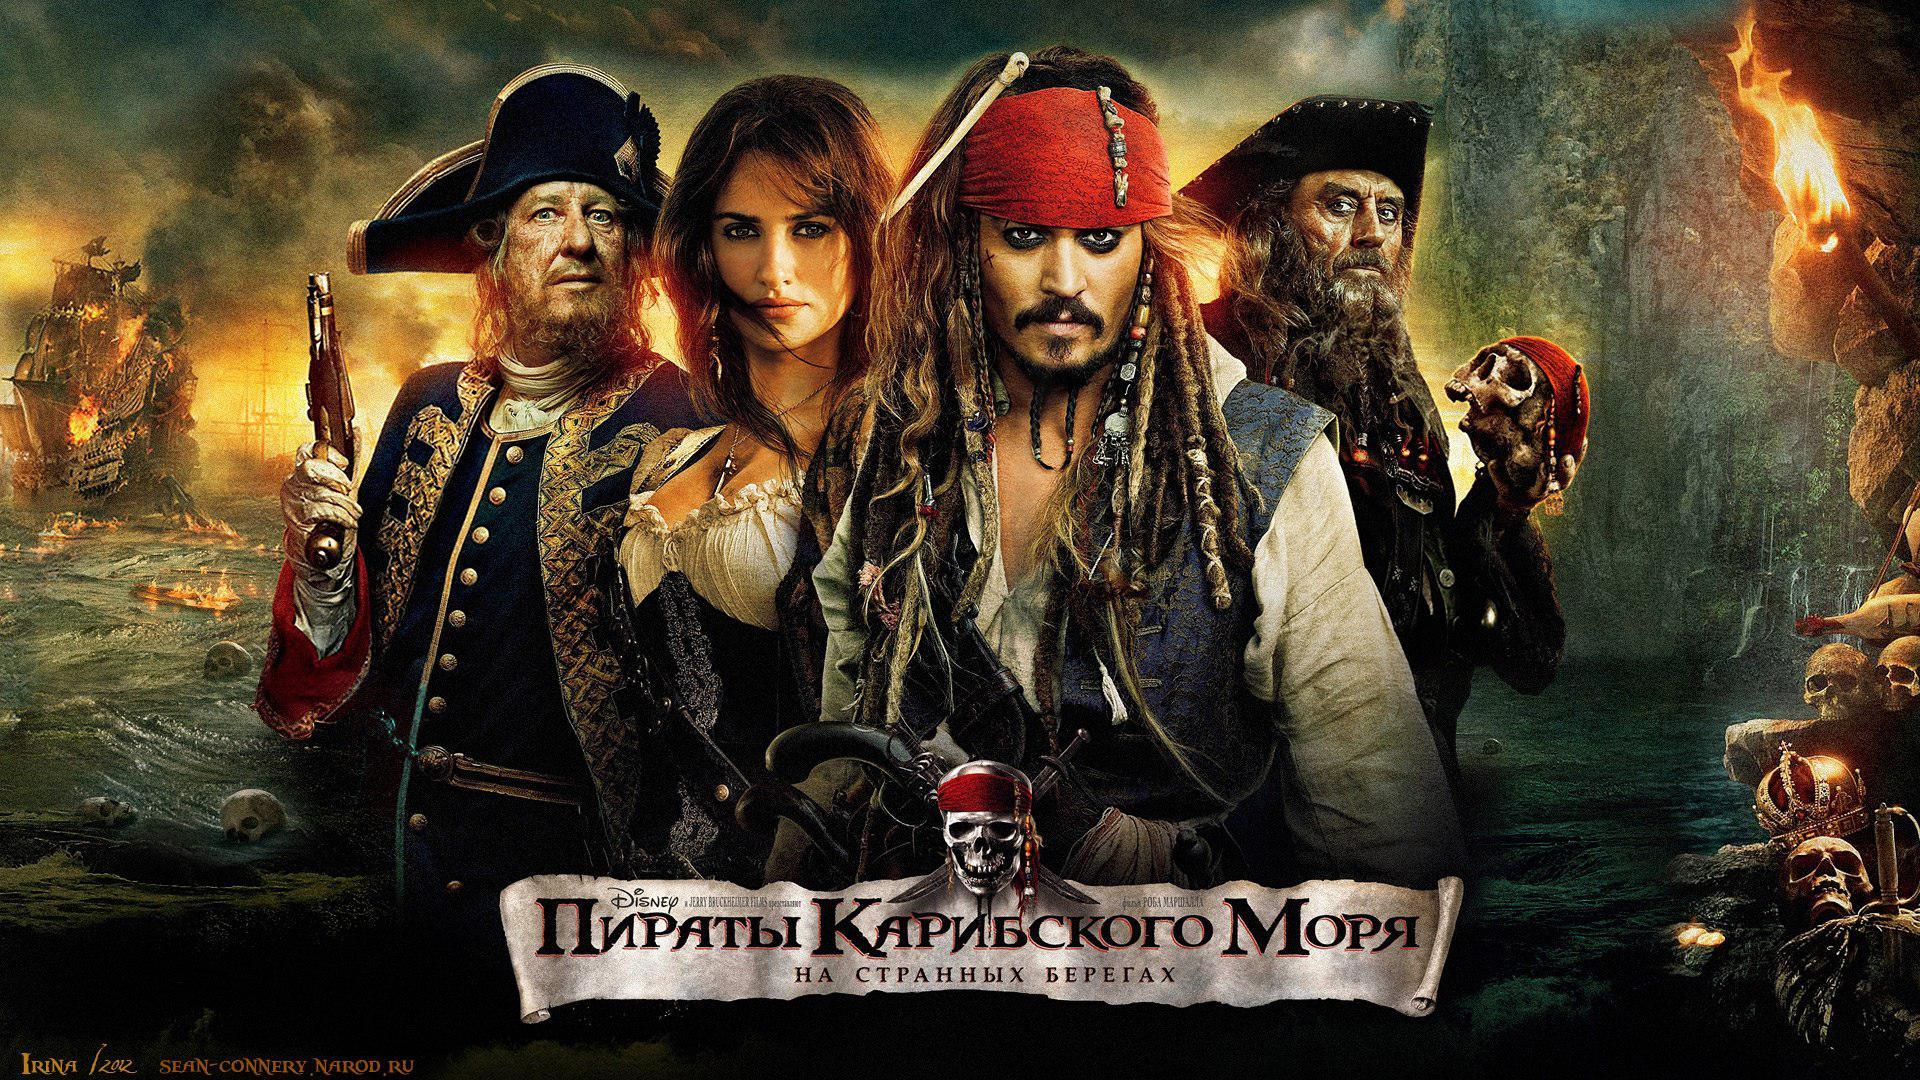 Джони Деп в пиратах карибского моря, интересные факты